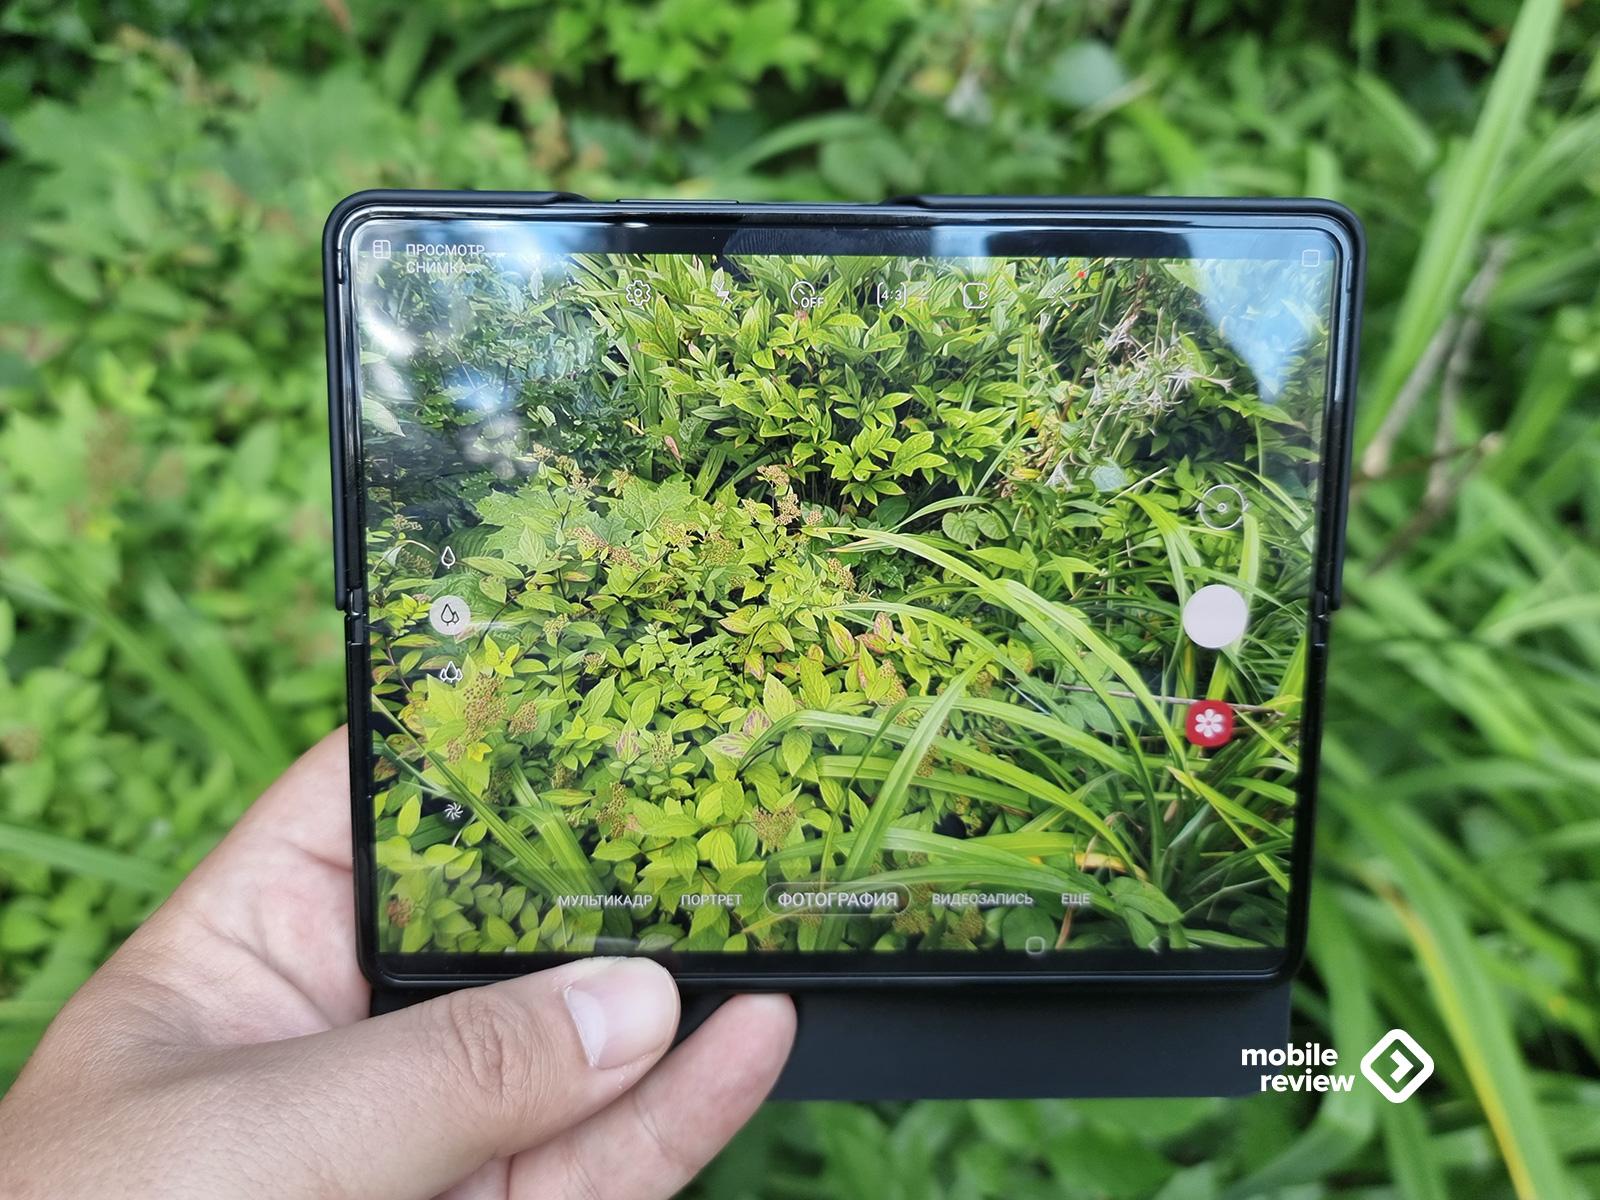 Десять причин за покупку Samsung GalaxyZFold3